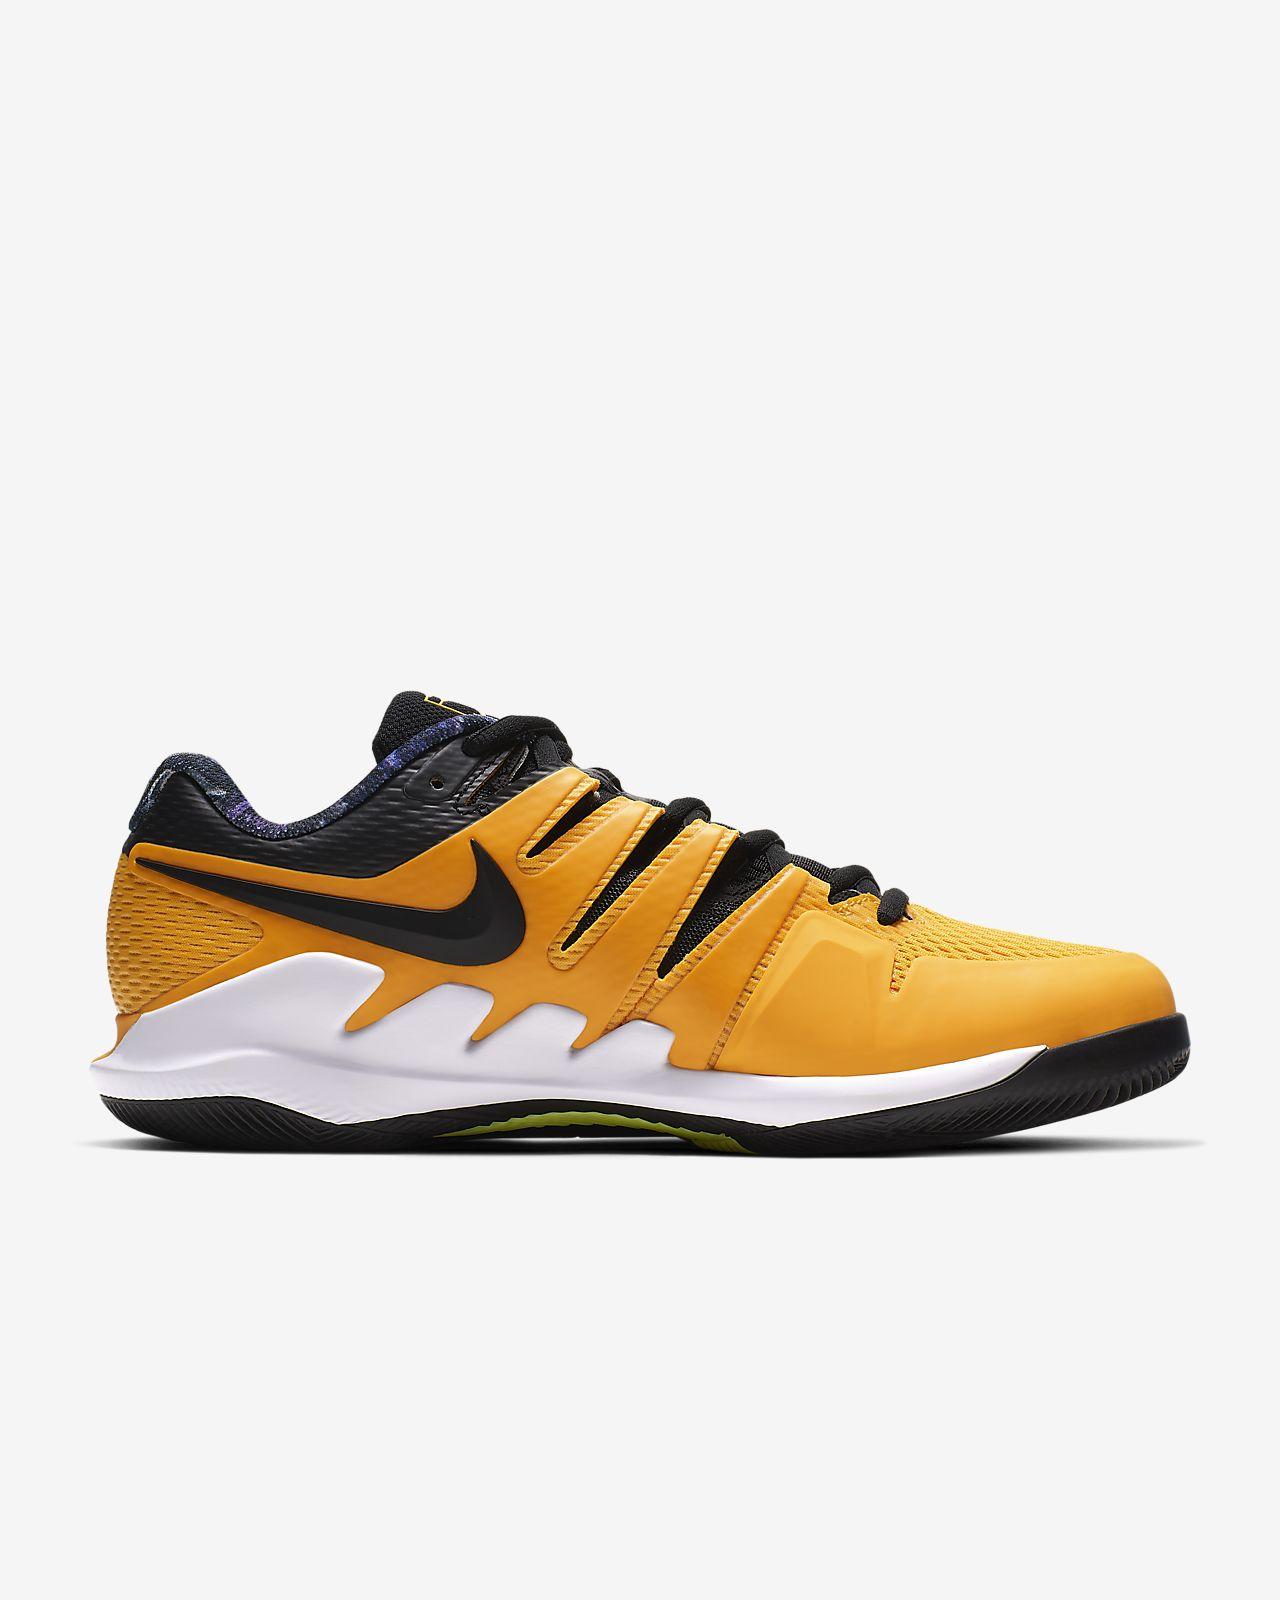 newest 45254 0df90 ... Chaussure de tennis pour surface dure NikeCourt Air Zoom Vapor X pour  Homme